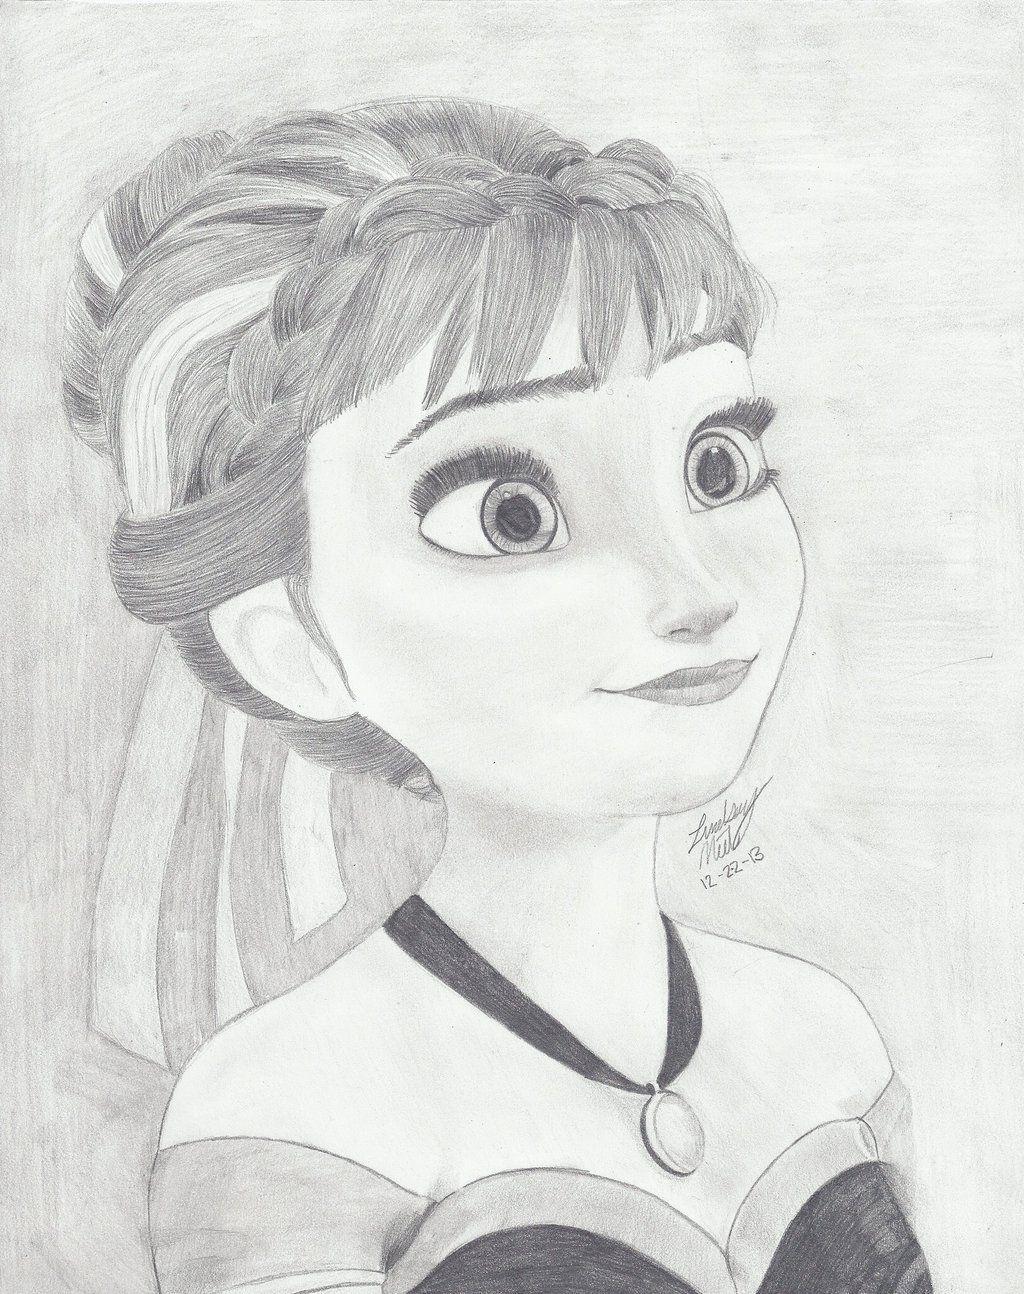 Anna From Frozen By Mymonsterstuff Deviantart Com On Deviantart